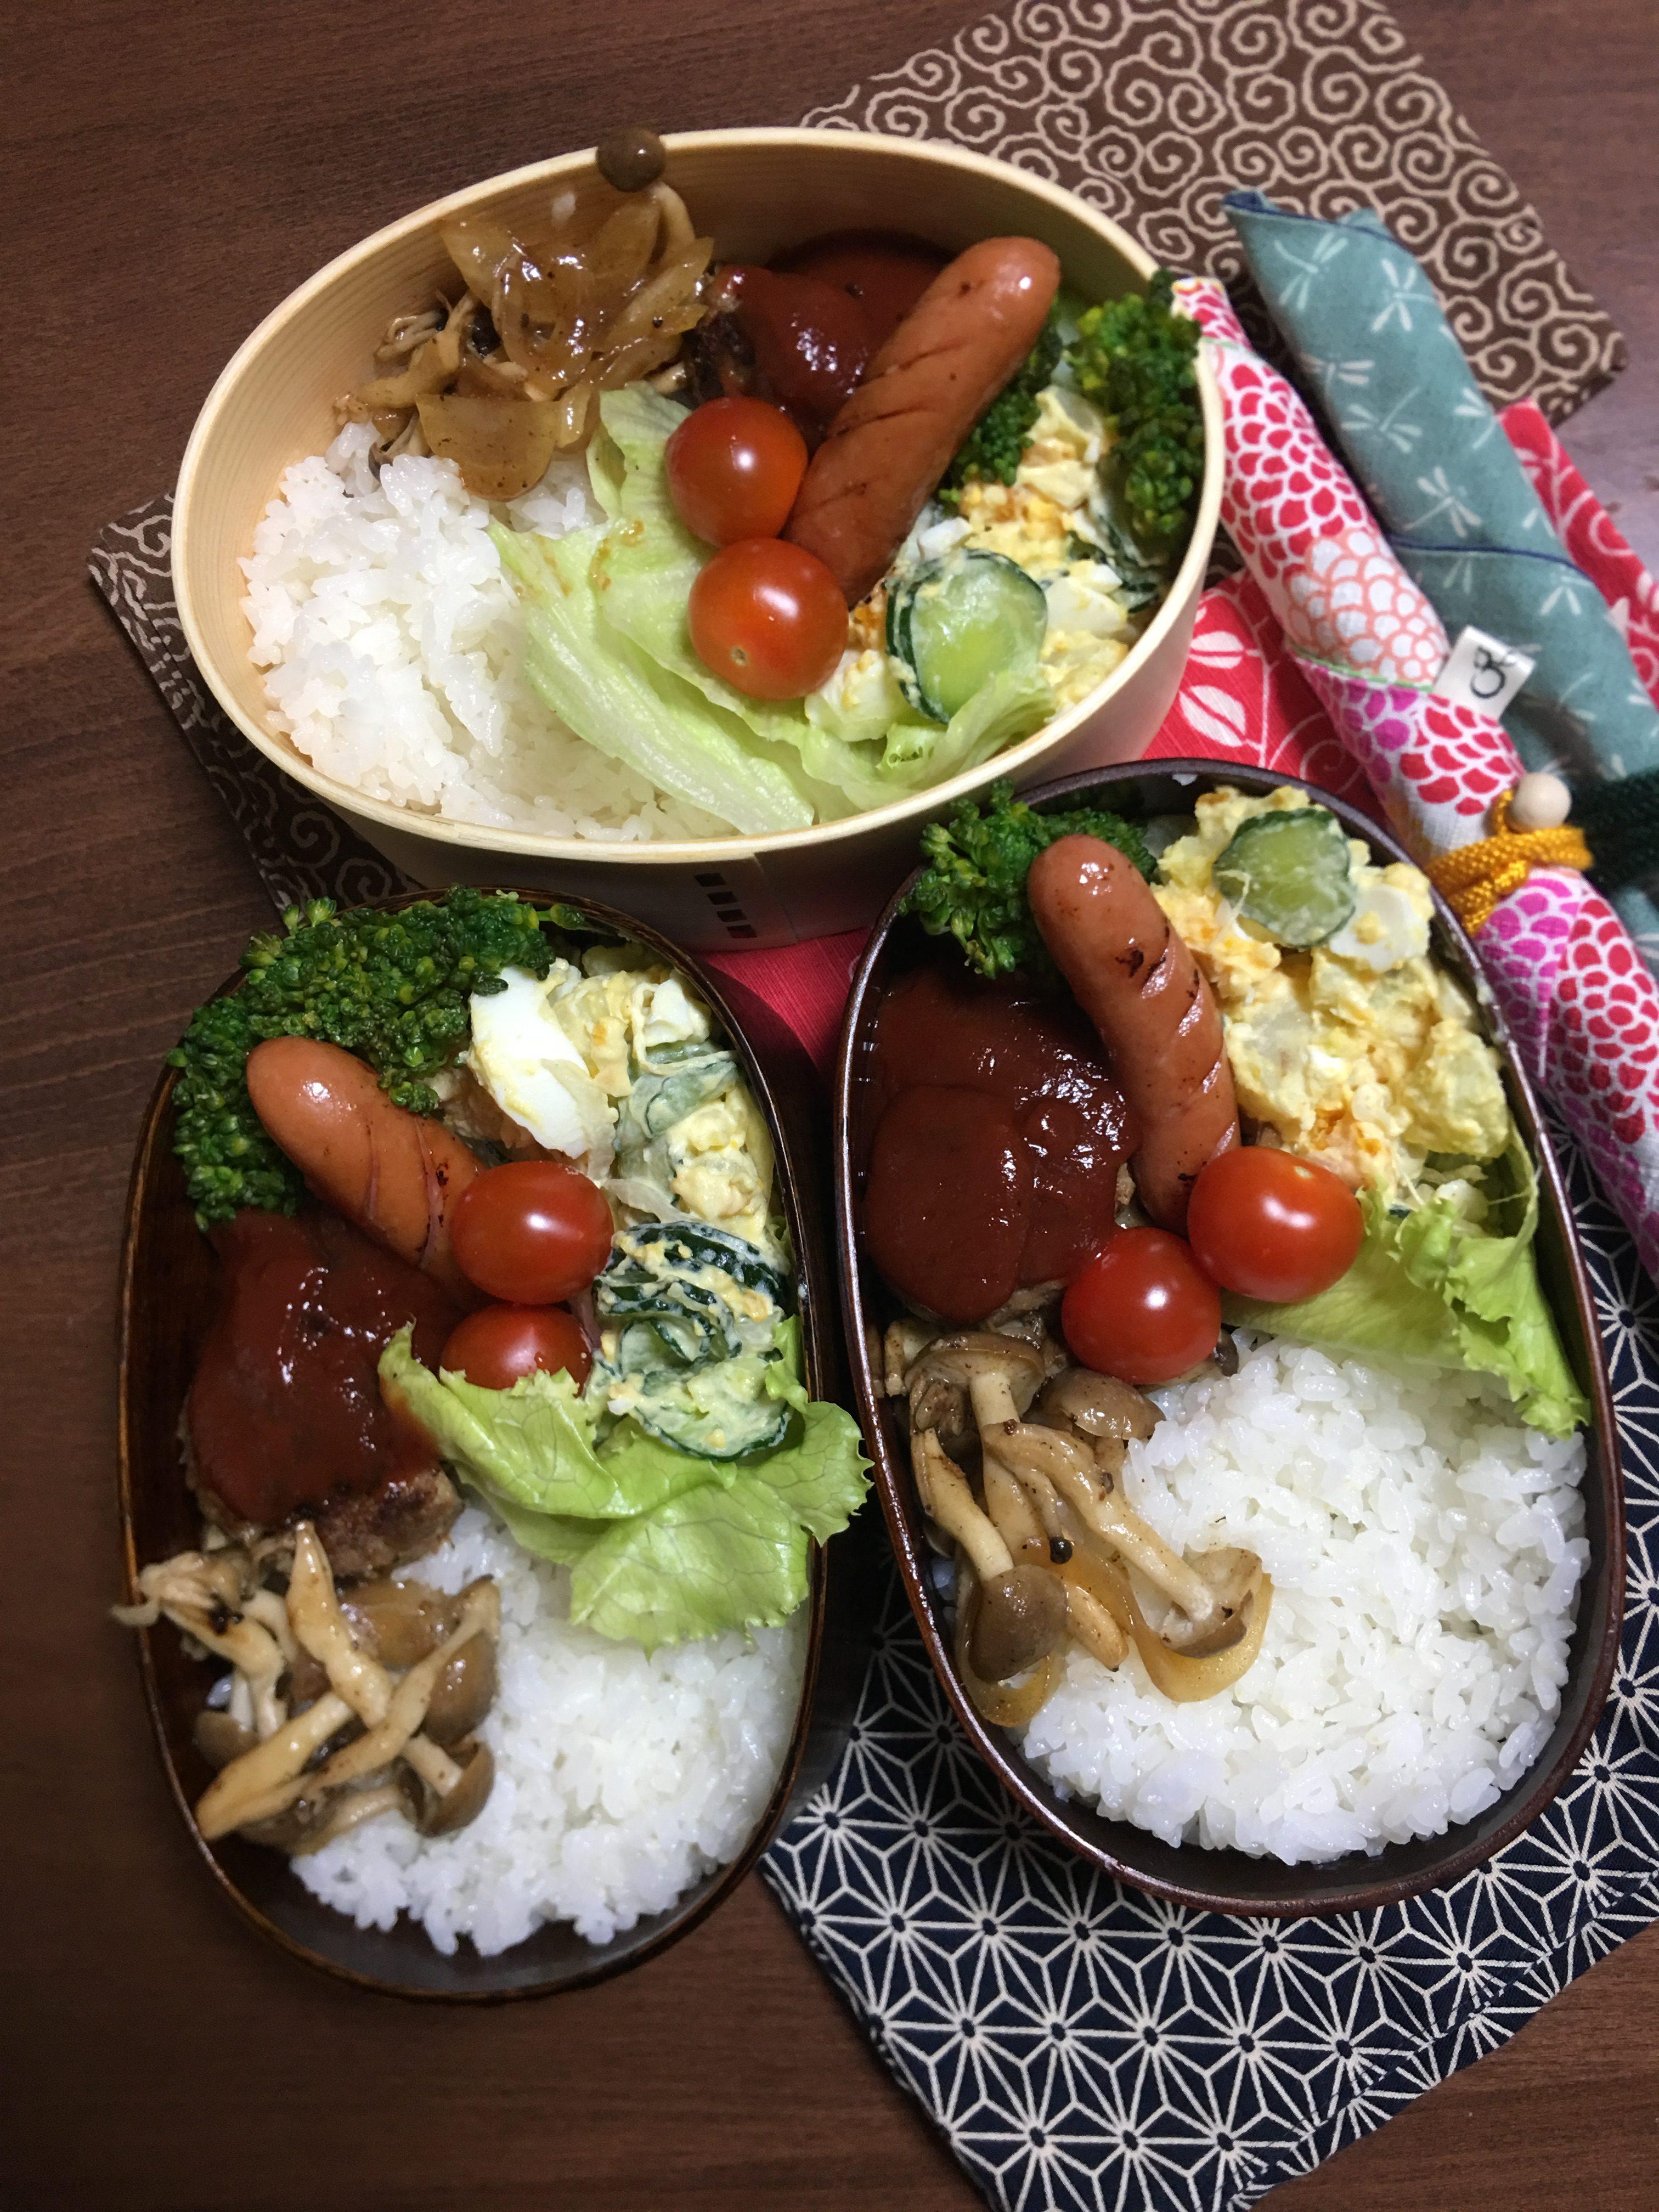 ポテトサラダ/フジコ・ヘミング/カンパネラ-2